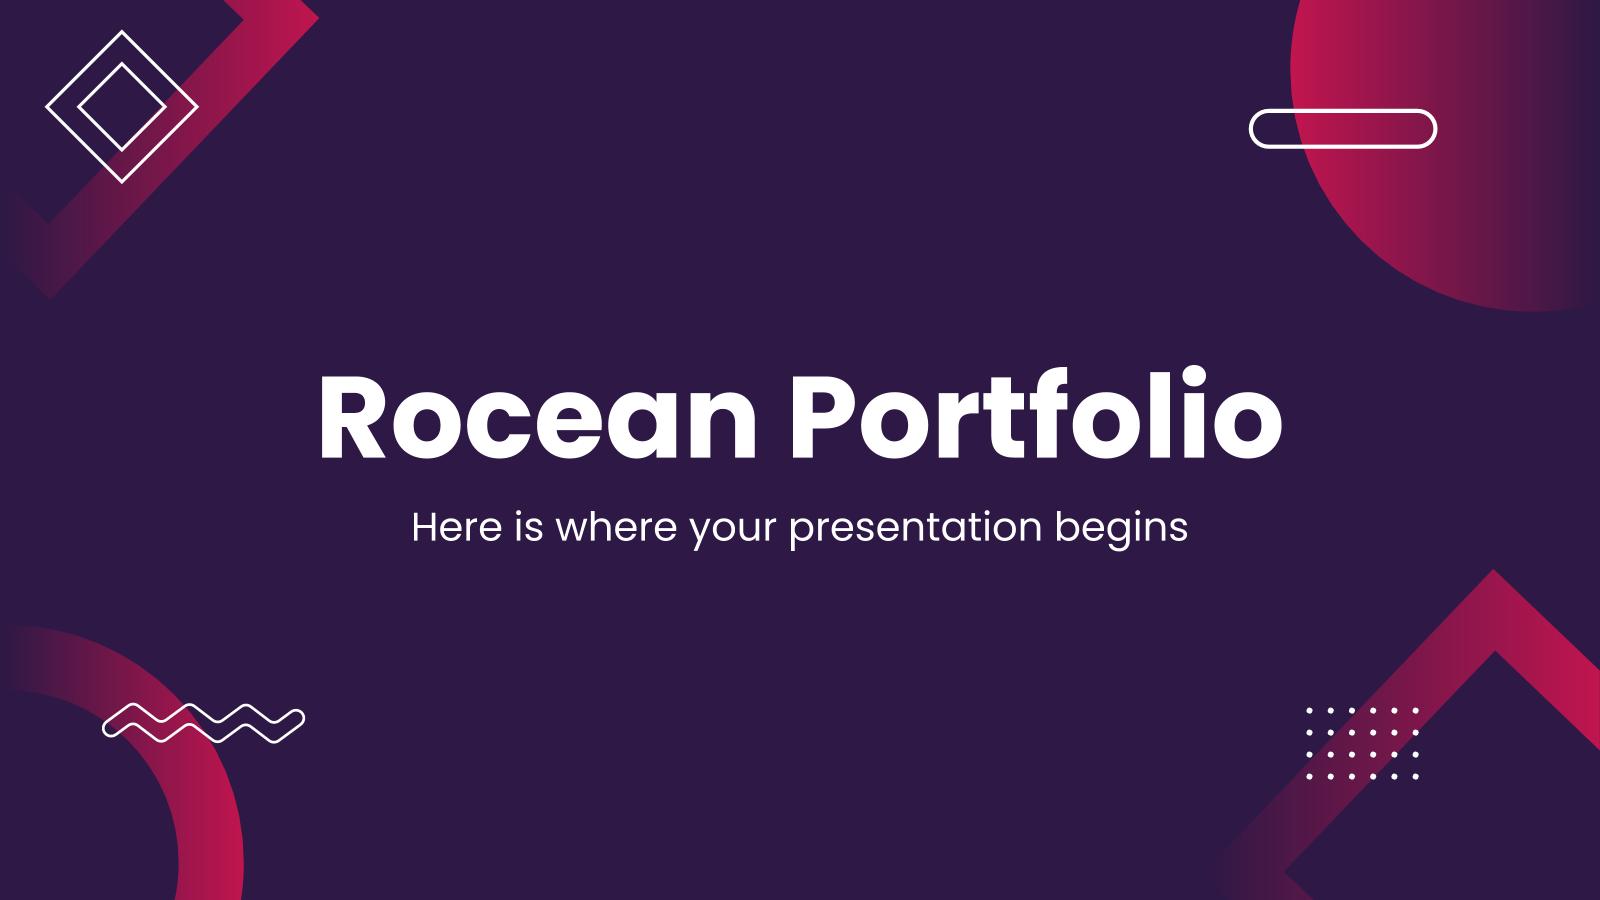 Portfolio Rocean : Modèles de présentation